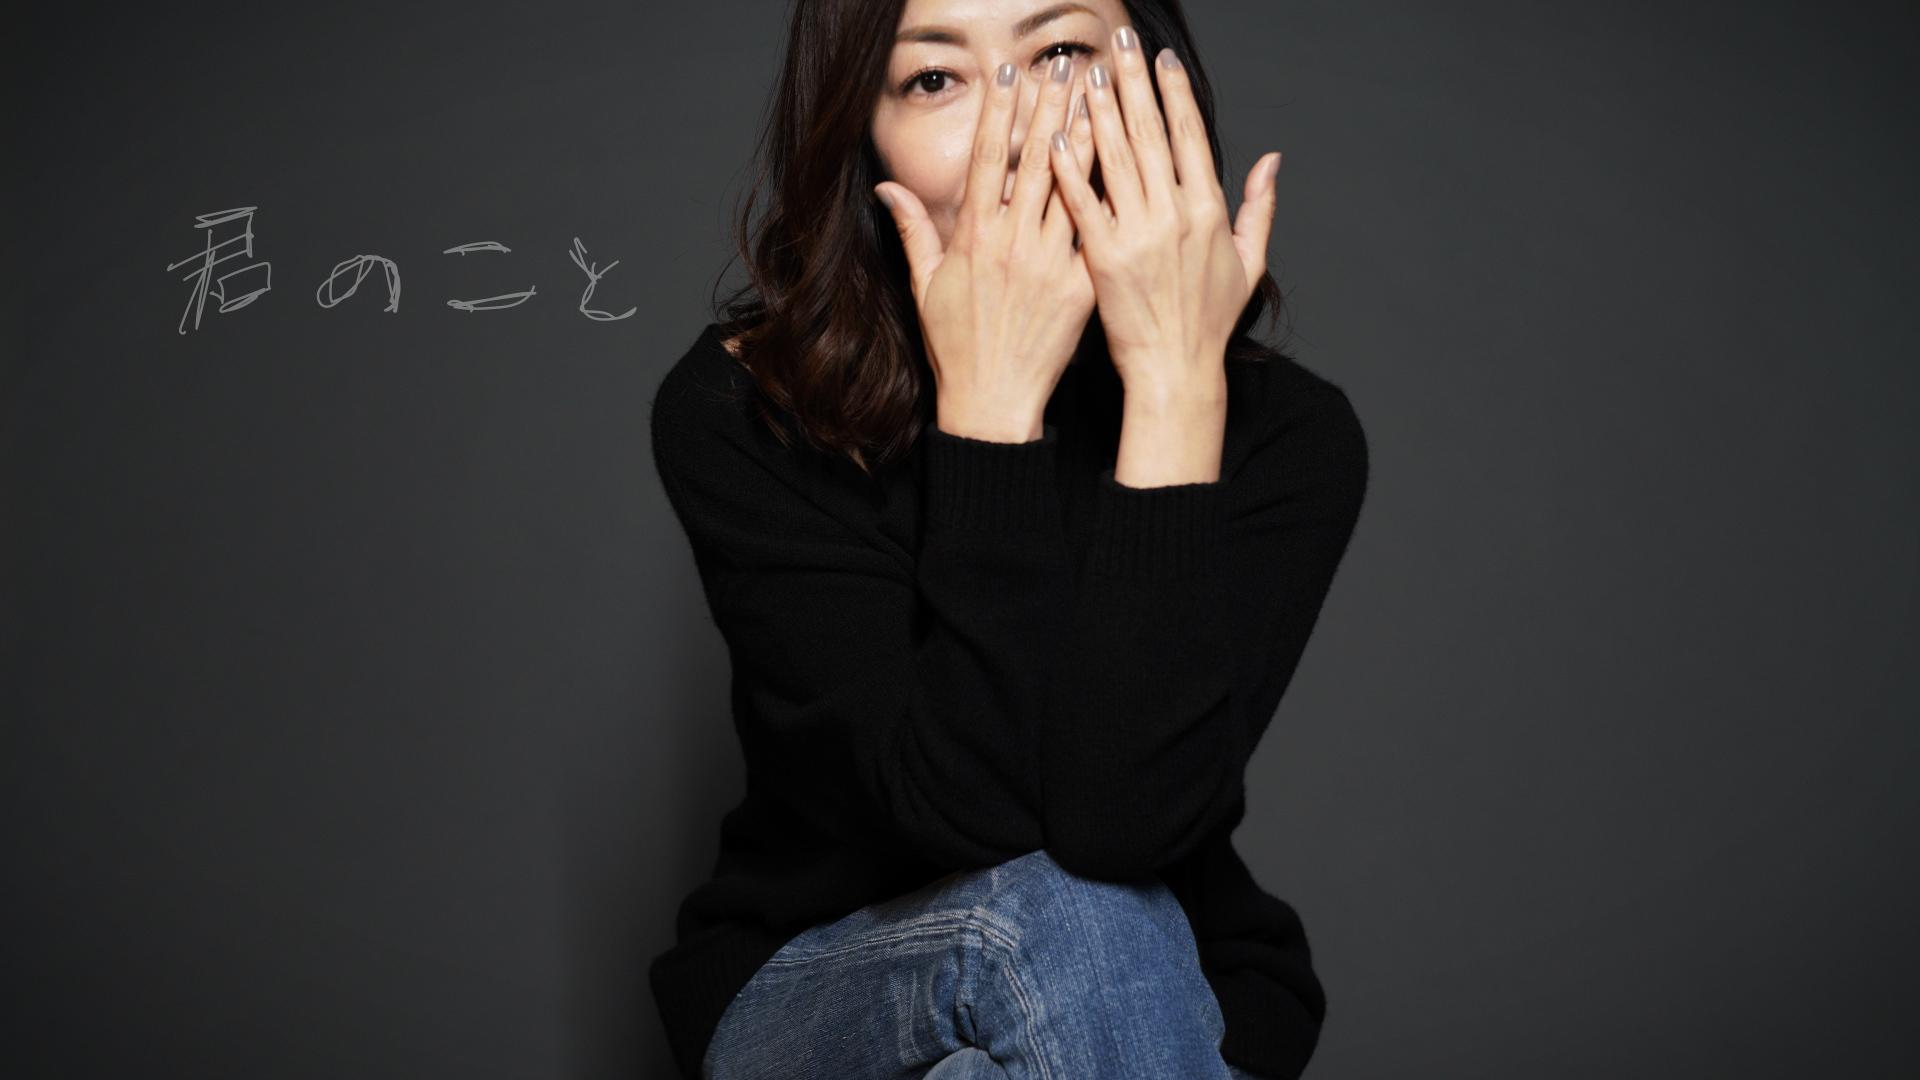 中山美穂「君のこと」MV